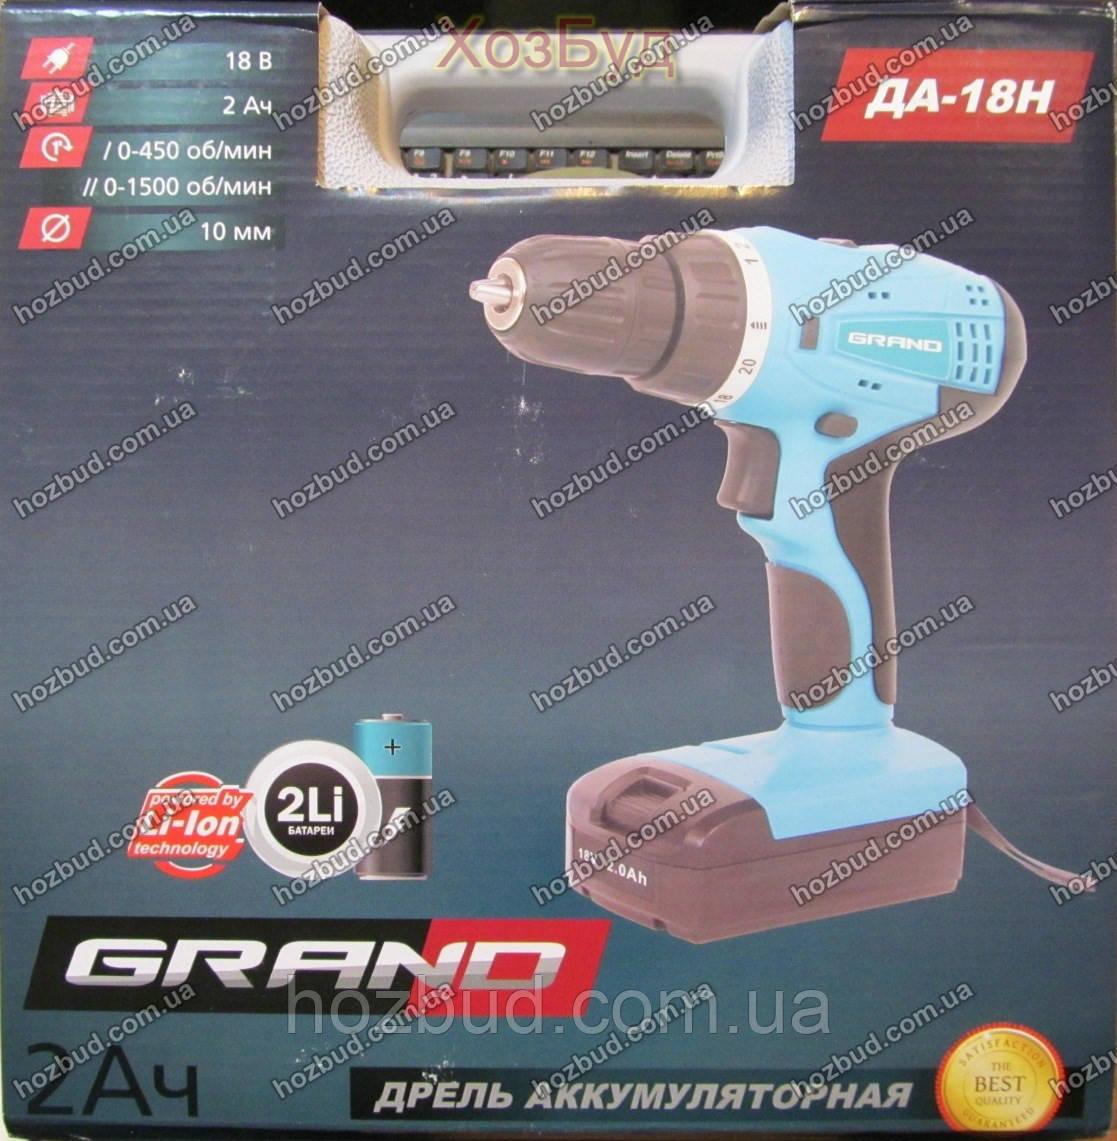 Шуруповерт аккумуляторный GRAND ДА-18Н